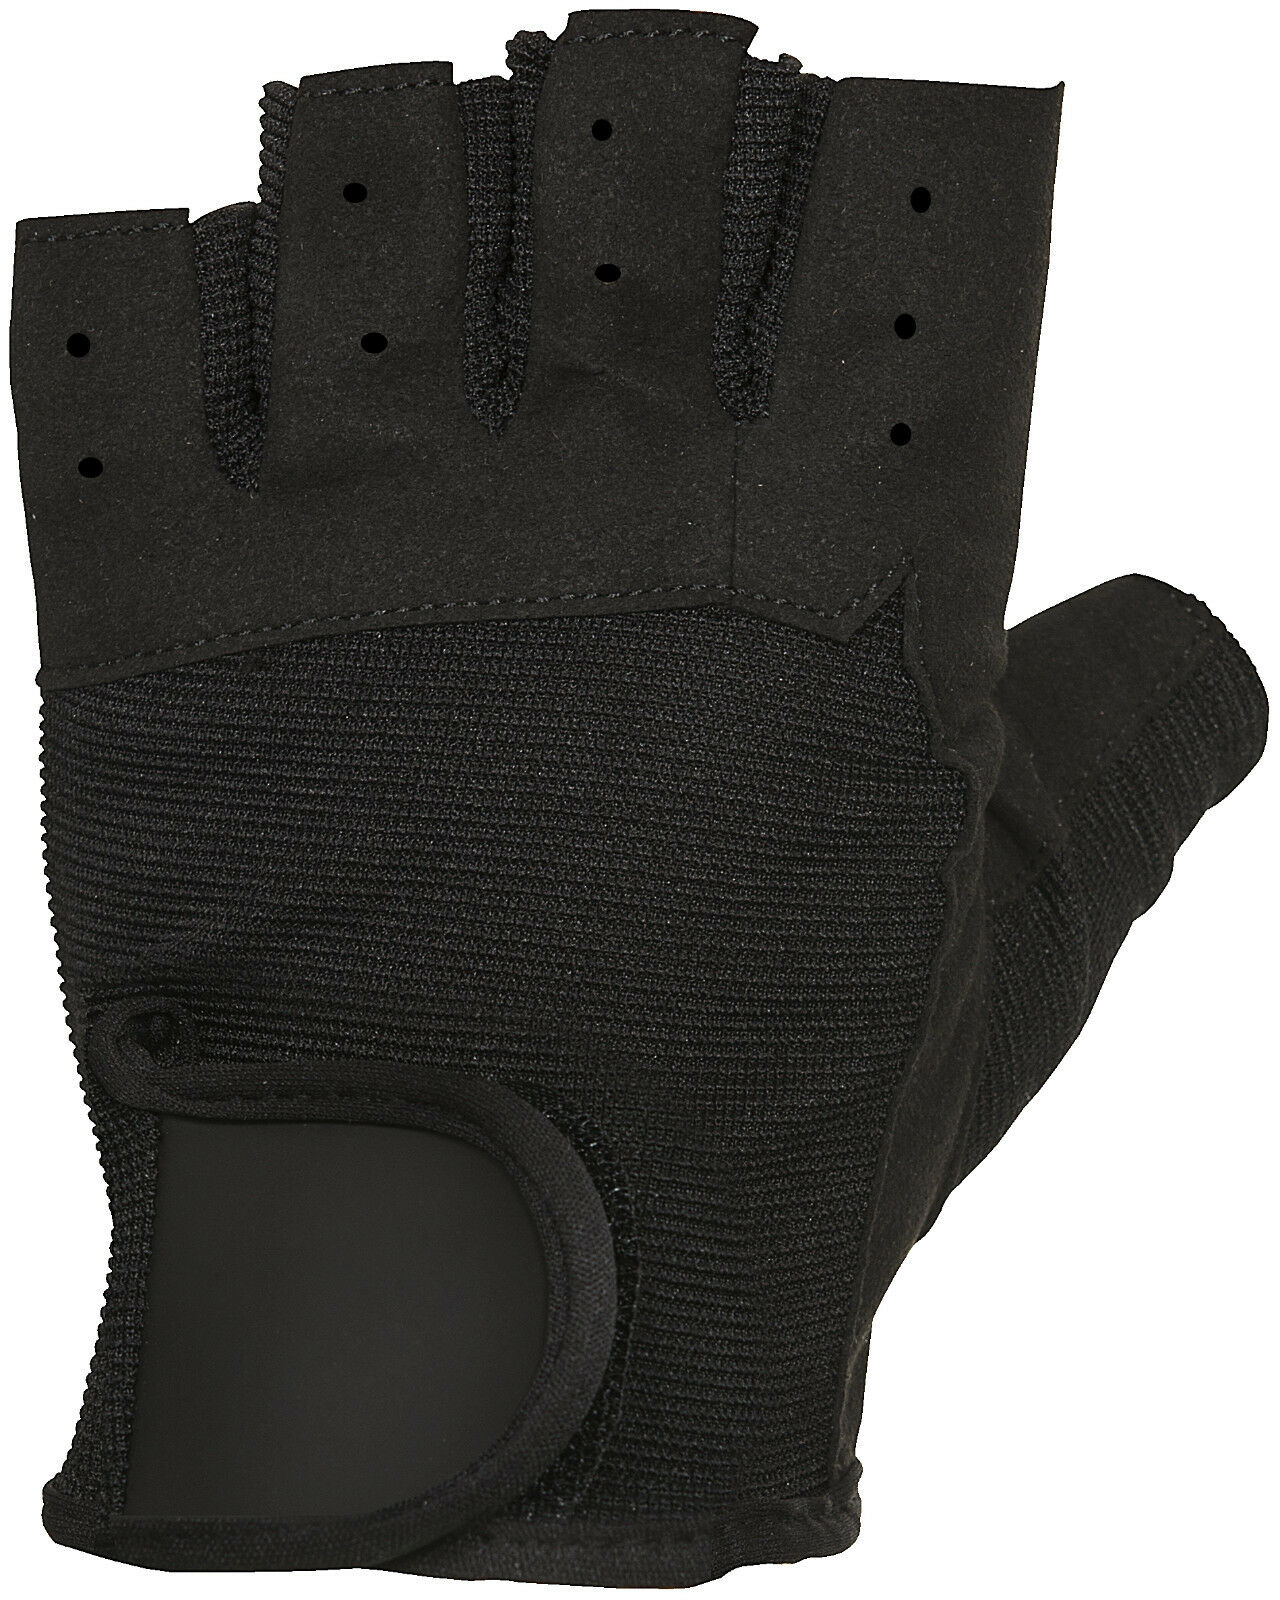 Fitness Handschuhe Trainingshandschuhe Neopren Handschuh Kraft Training Sport L